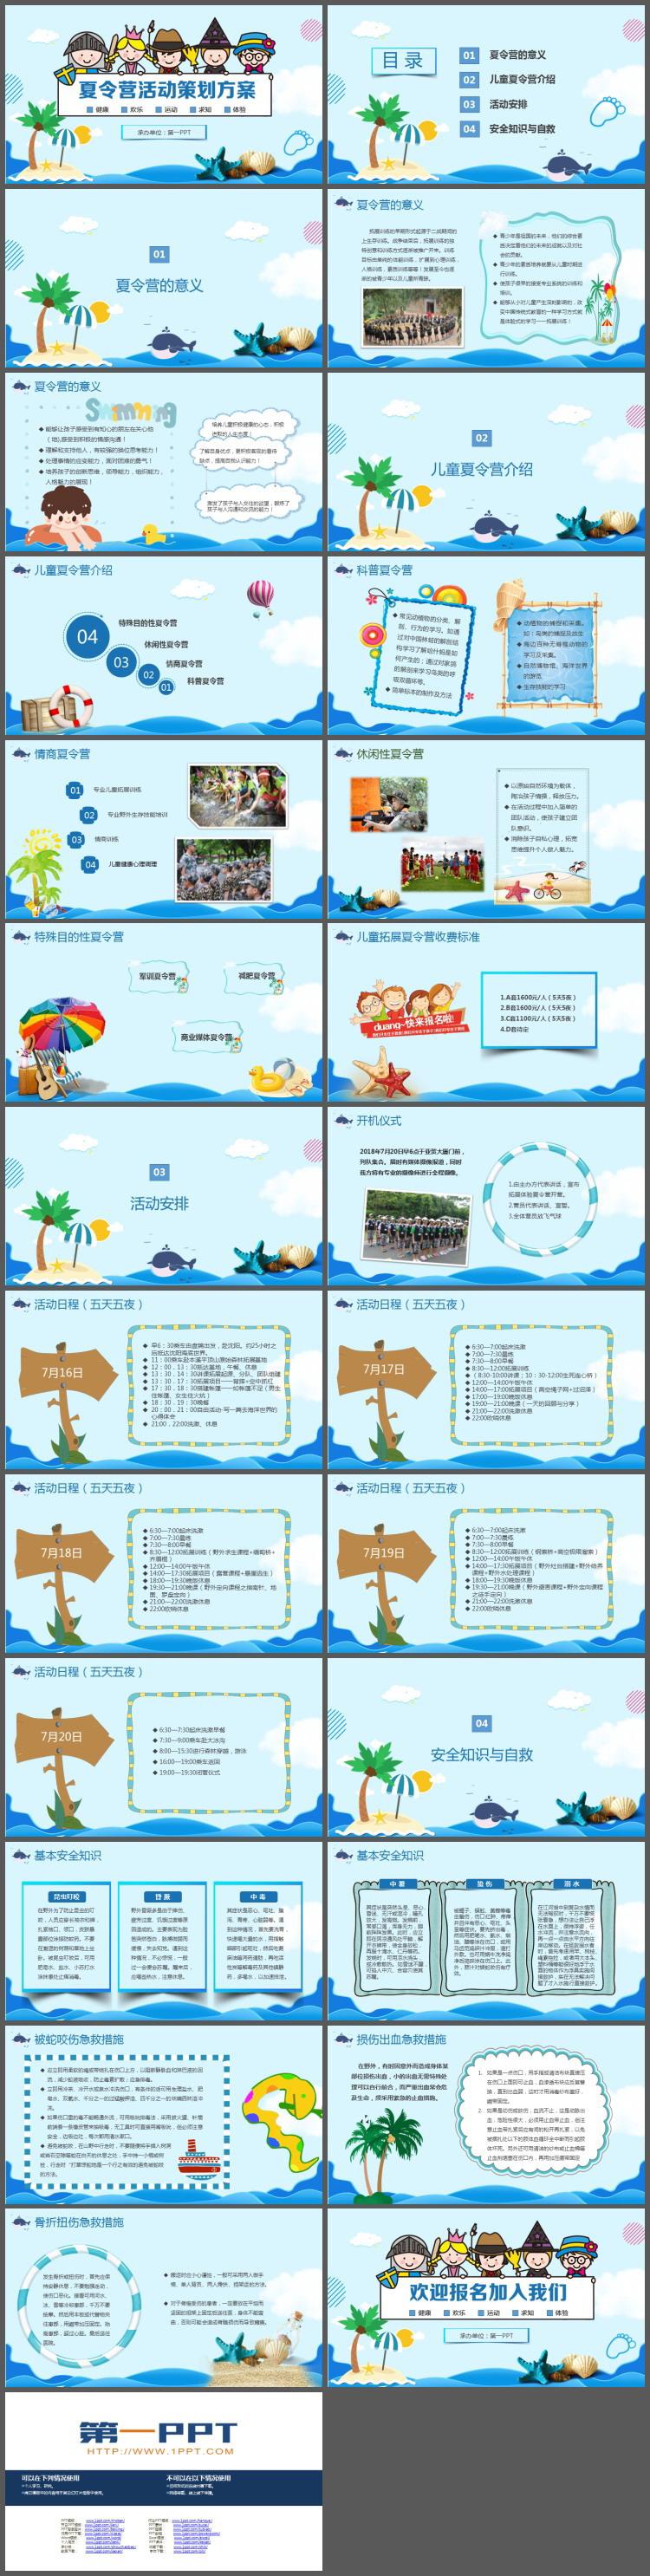 可爱卡通海洋风夏令营活动策划方案PPT模板